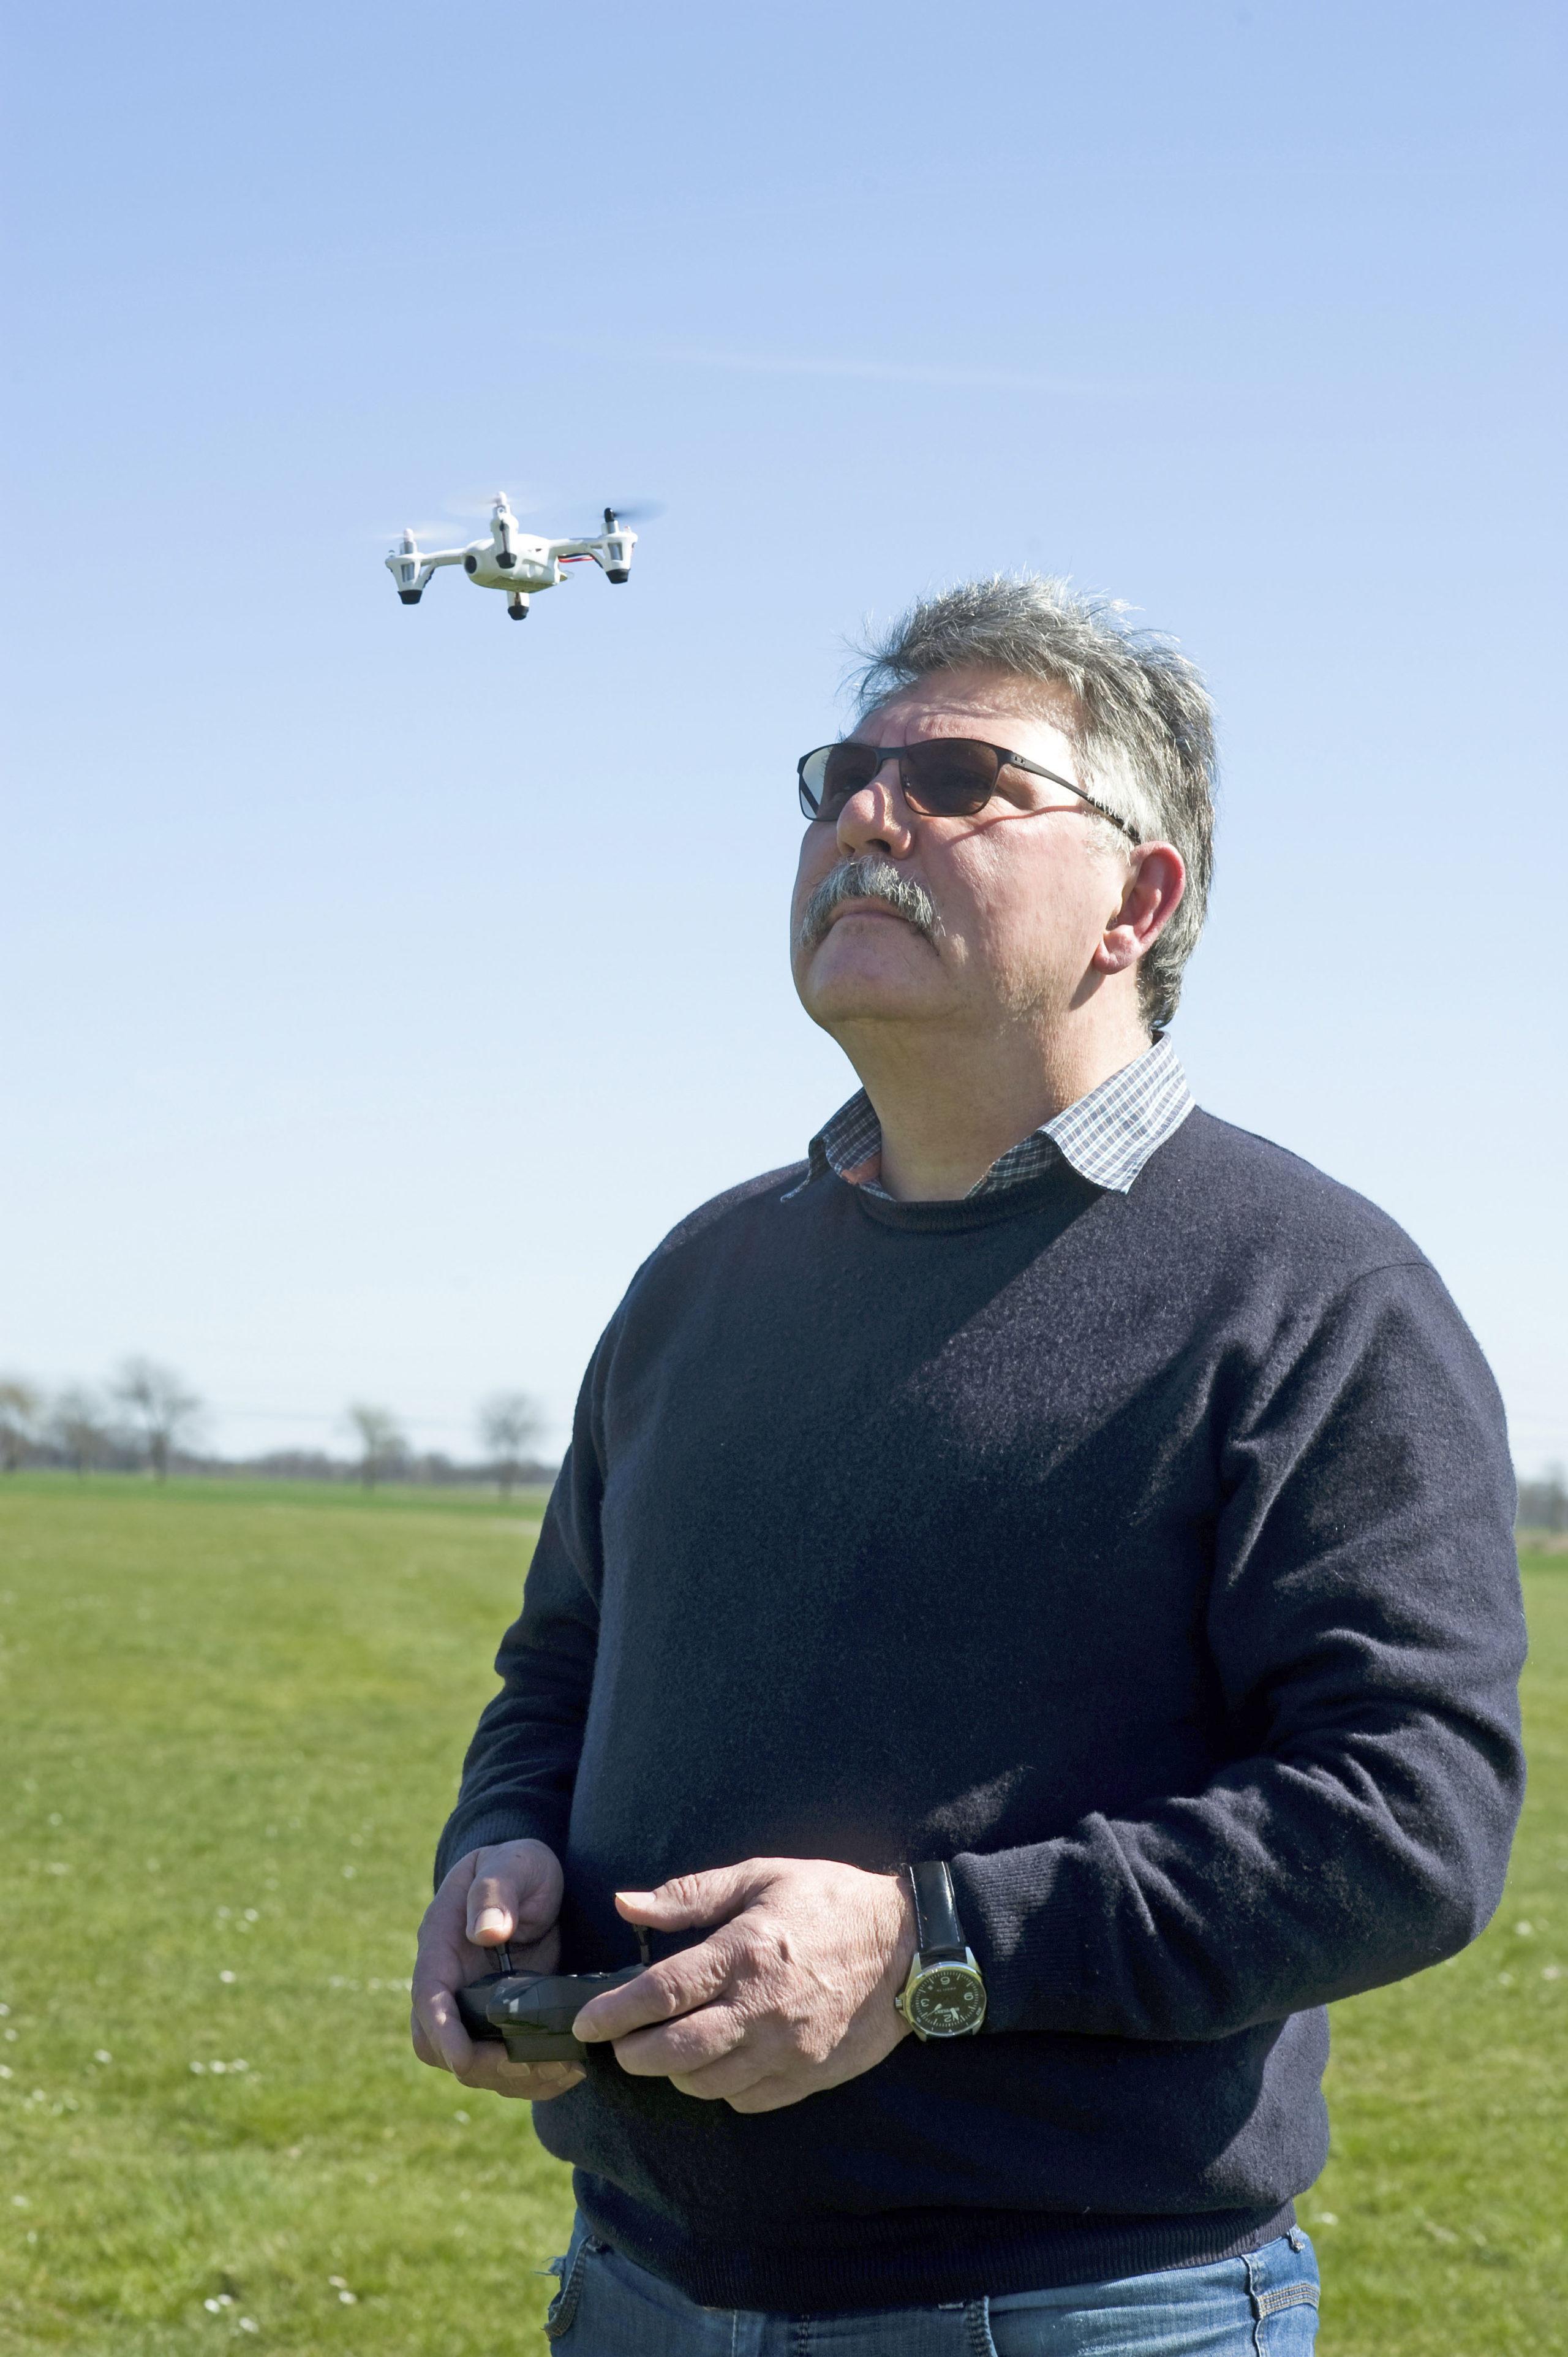 Auch wenn sie noch so klein ist: Jeder Halter einer Drohne benötigt eine Haftpflichtversicherung, dies schreibt der Gesetzgeber vor.